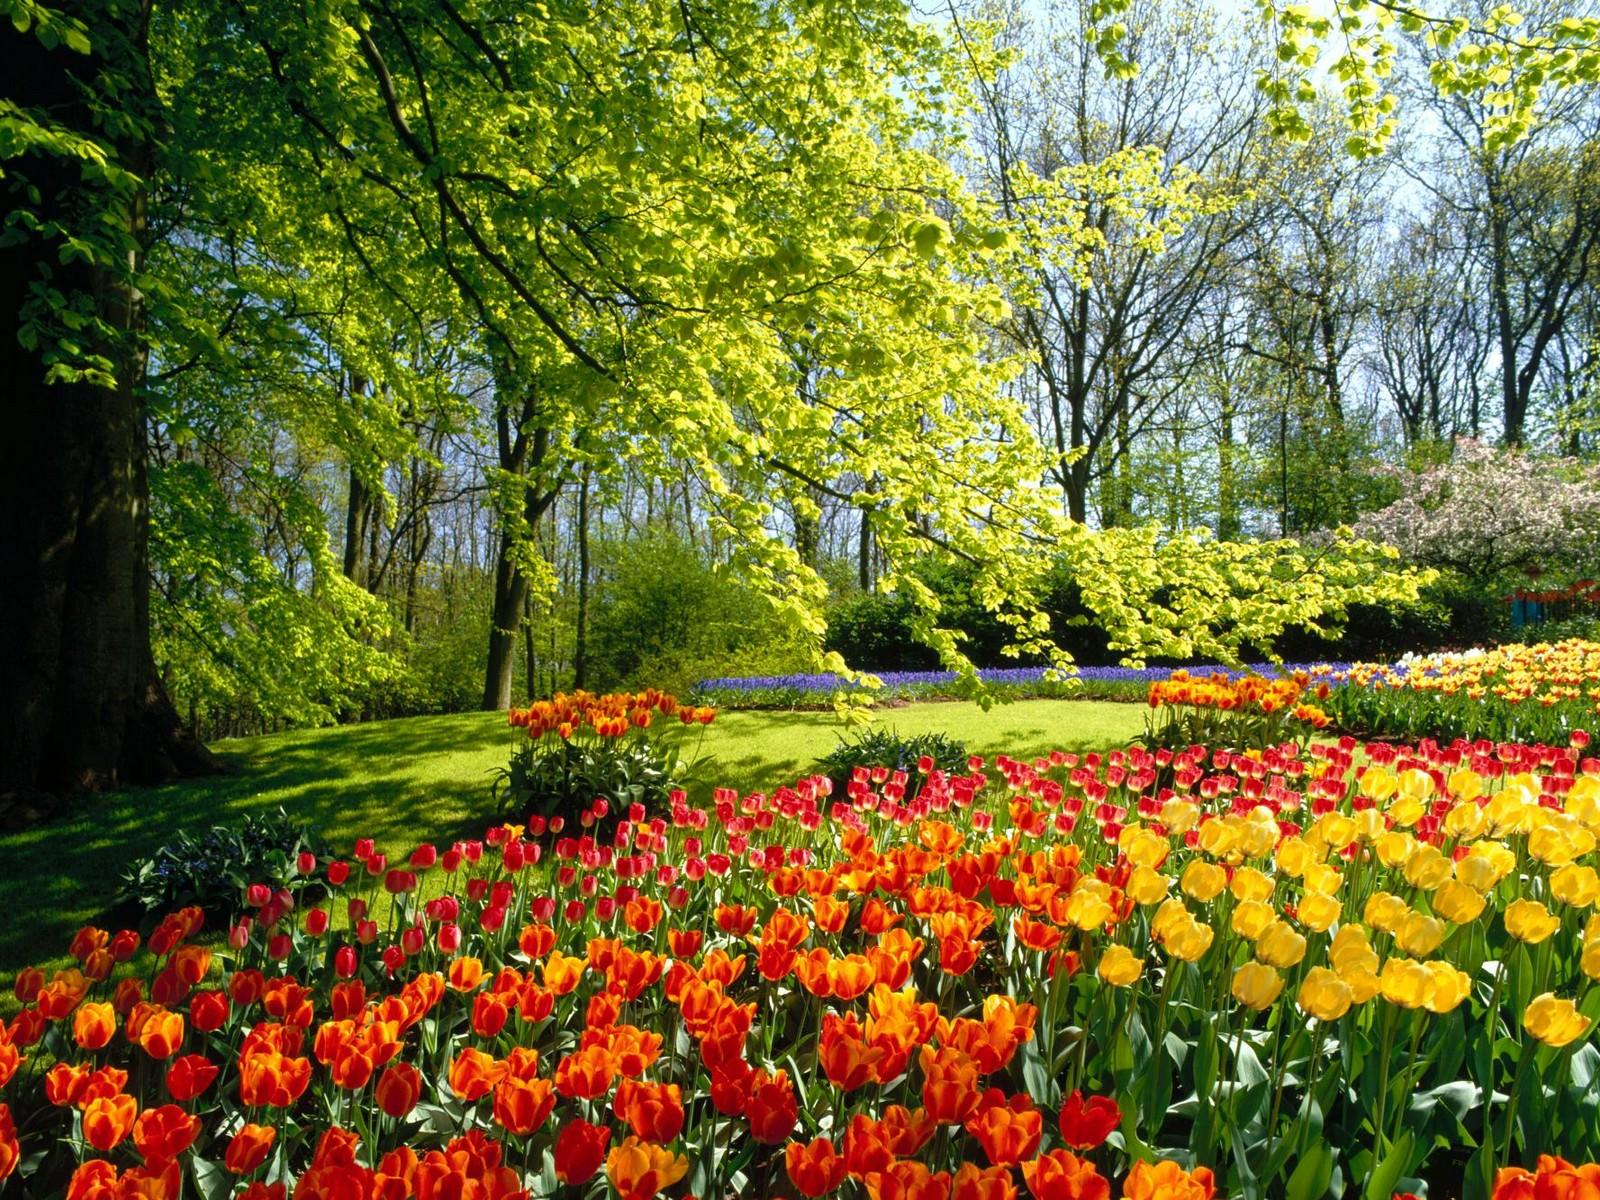 деревья, цветы, весна скачать фото, обои для рабочего стола